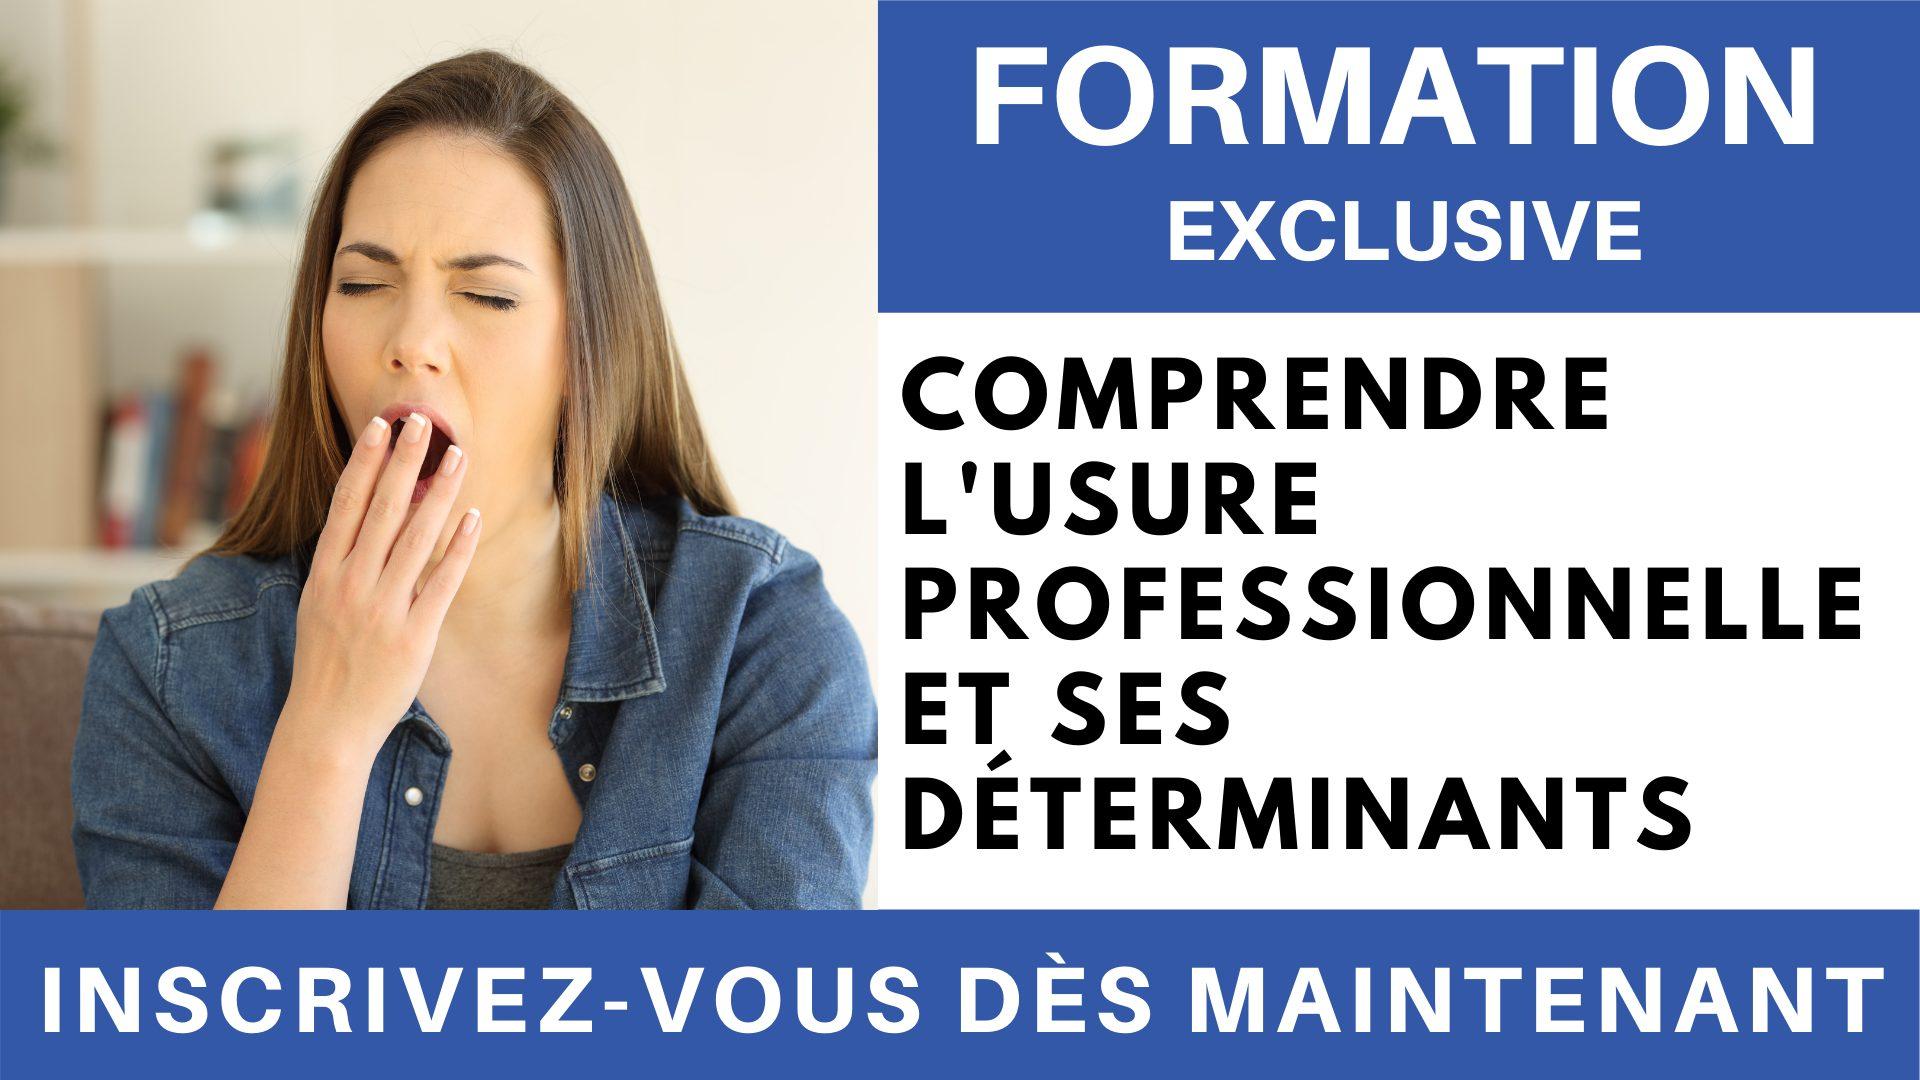 Formation Exclusive - Comprendre l'usure professionnelle et ses déterminants